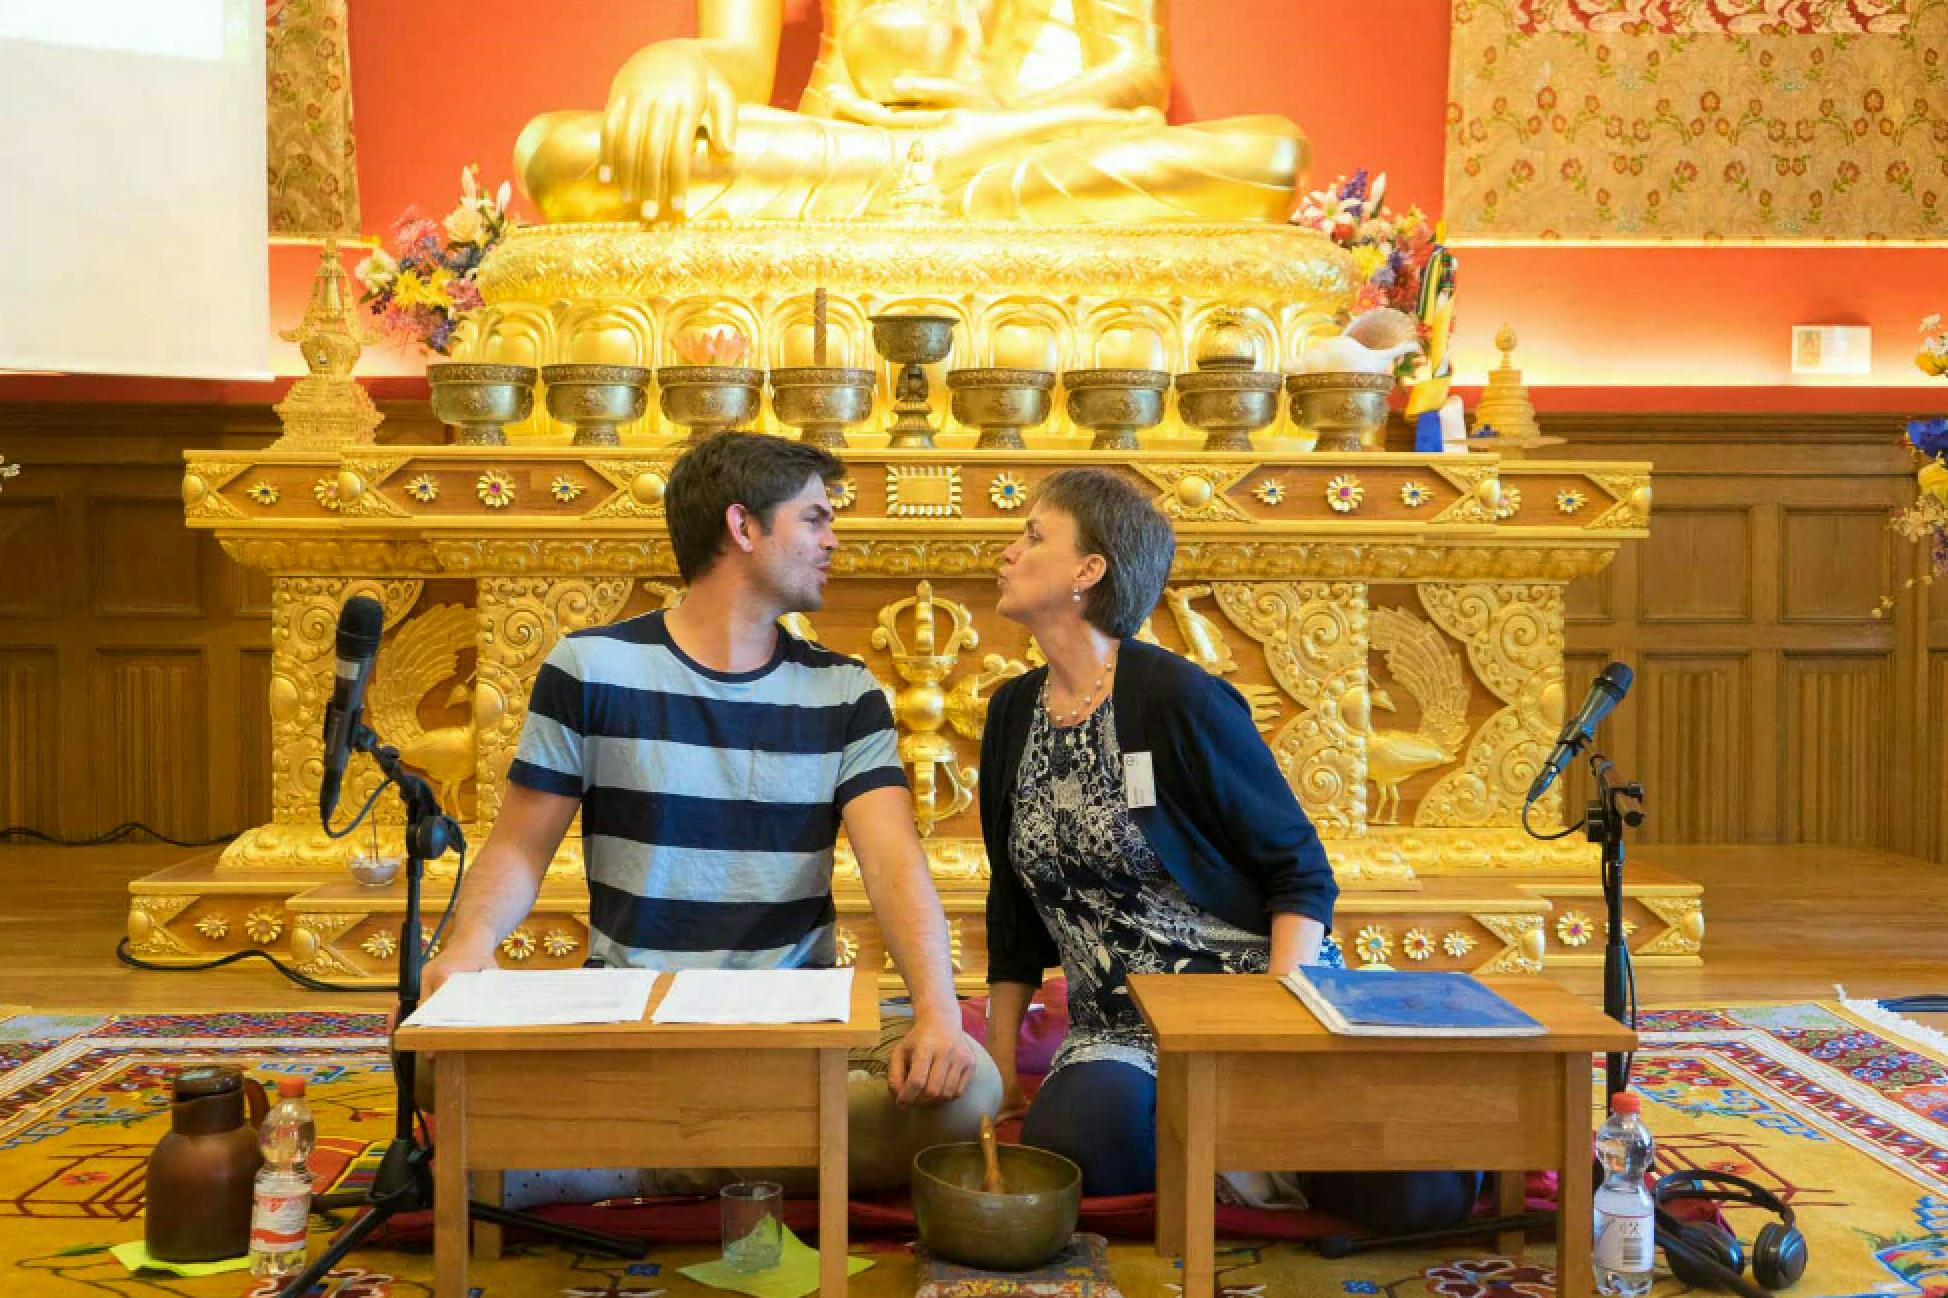 Ian und Kirsten, Sieben Punkte des Geistestraining, Dharma Mati Berlin (Mai 2018)